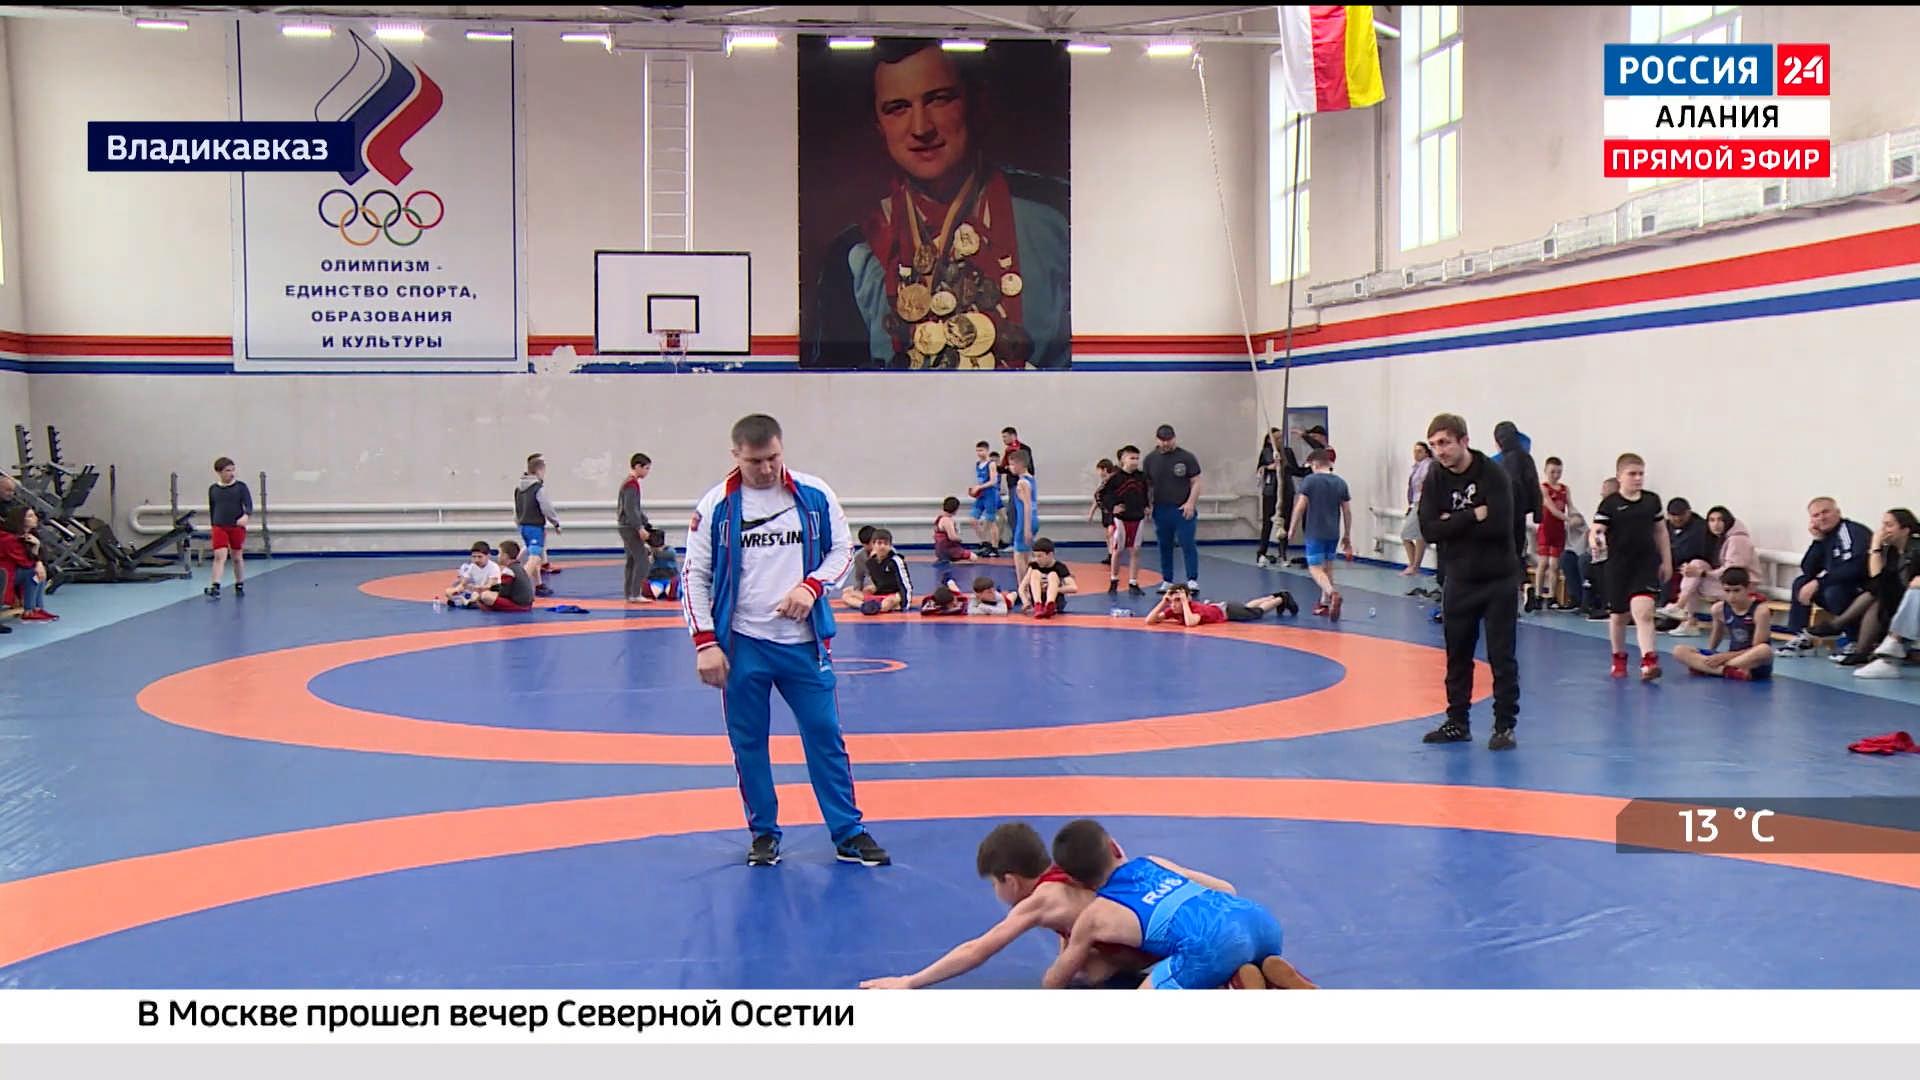 Во Владикавказе проходит турнир по вольной борьбе памяти Сослана Андиева